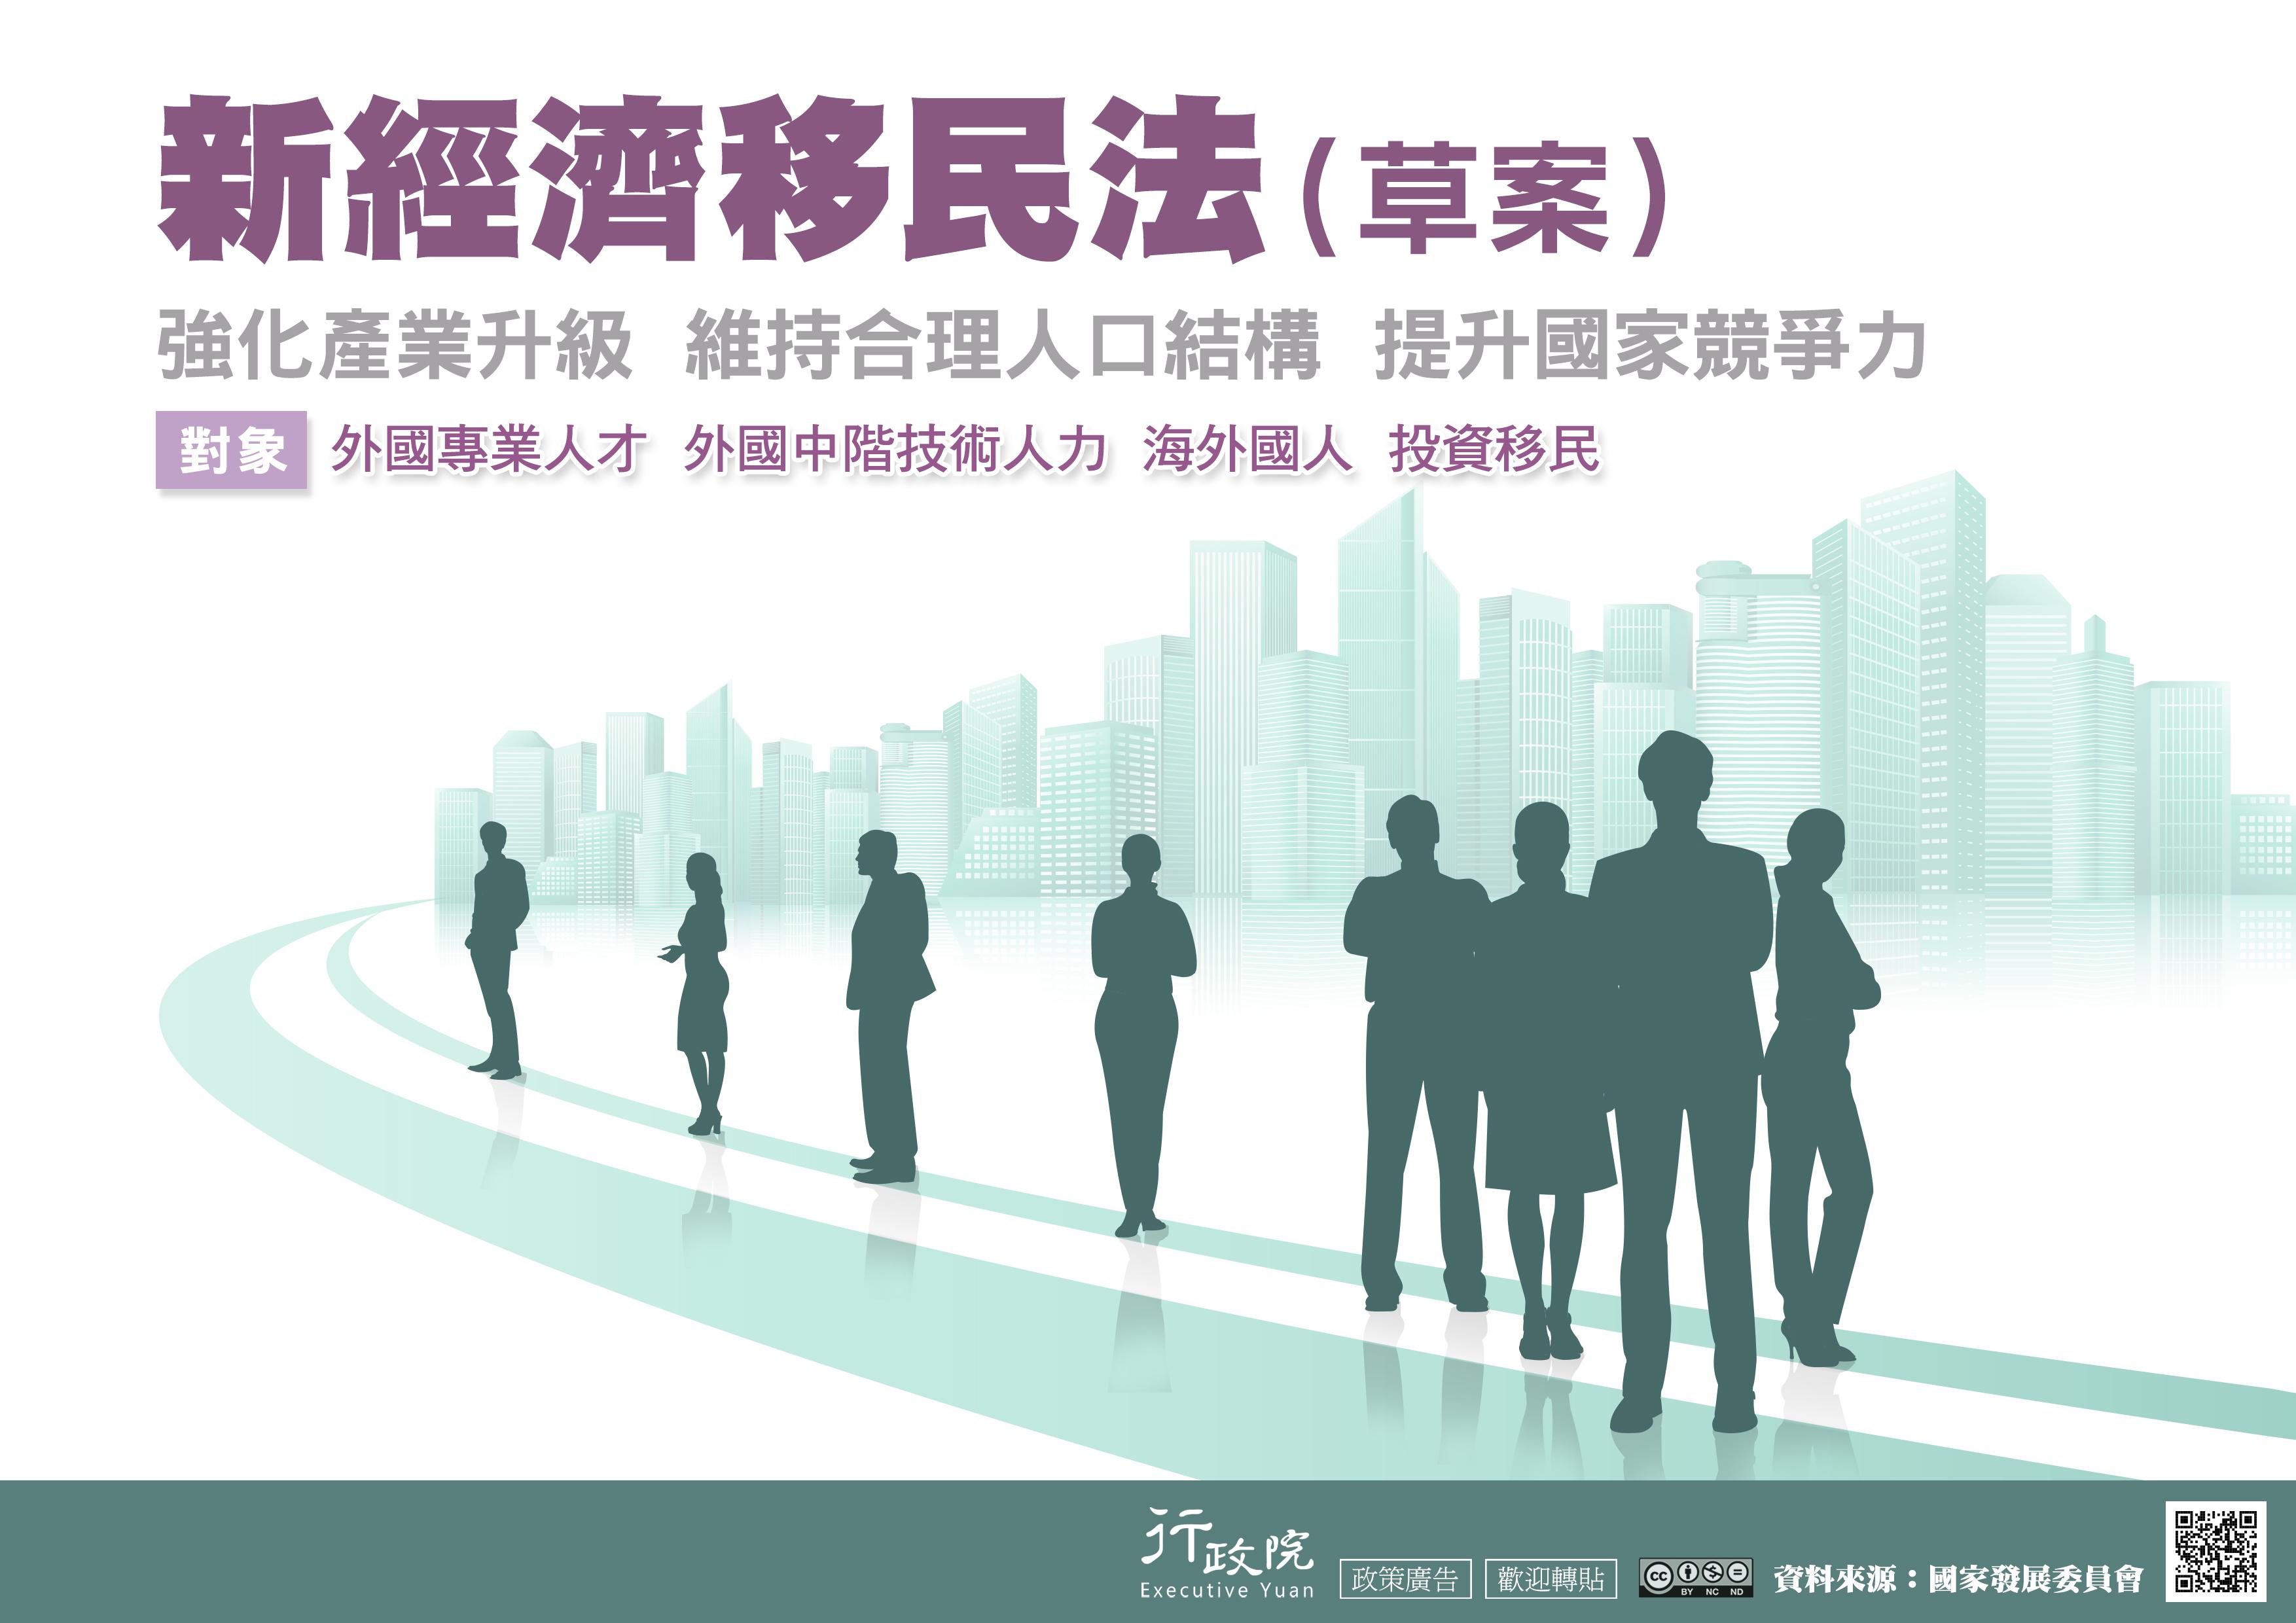 規劃新經濟移民法.jpg